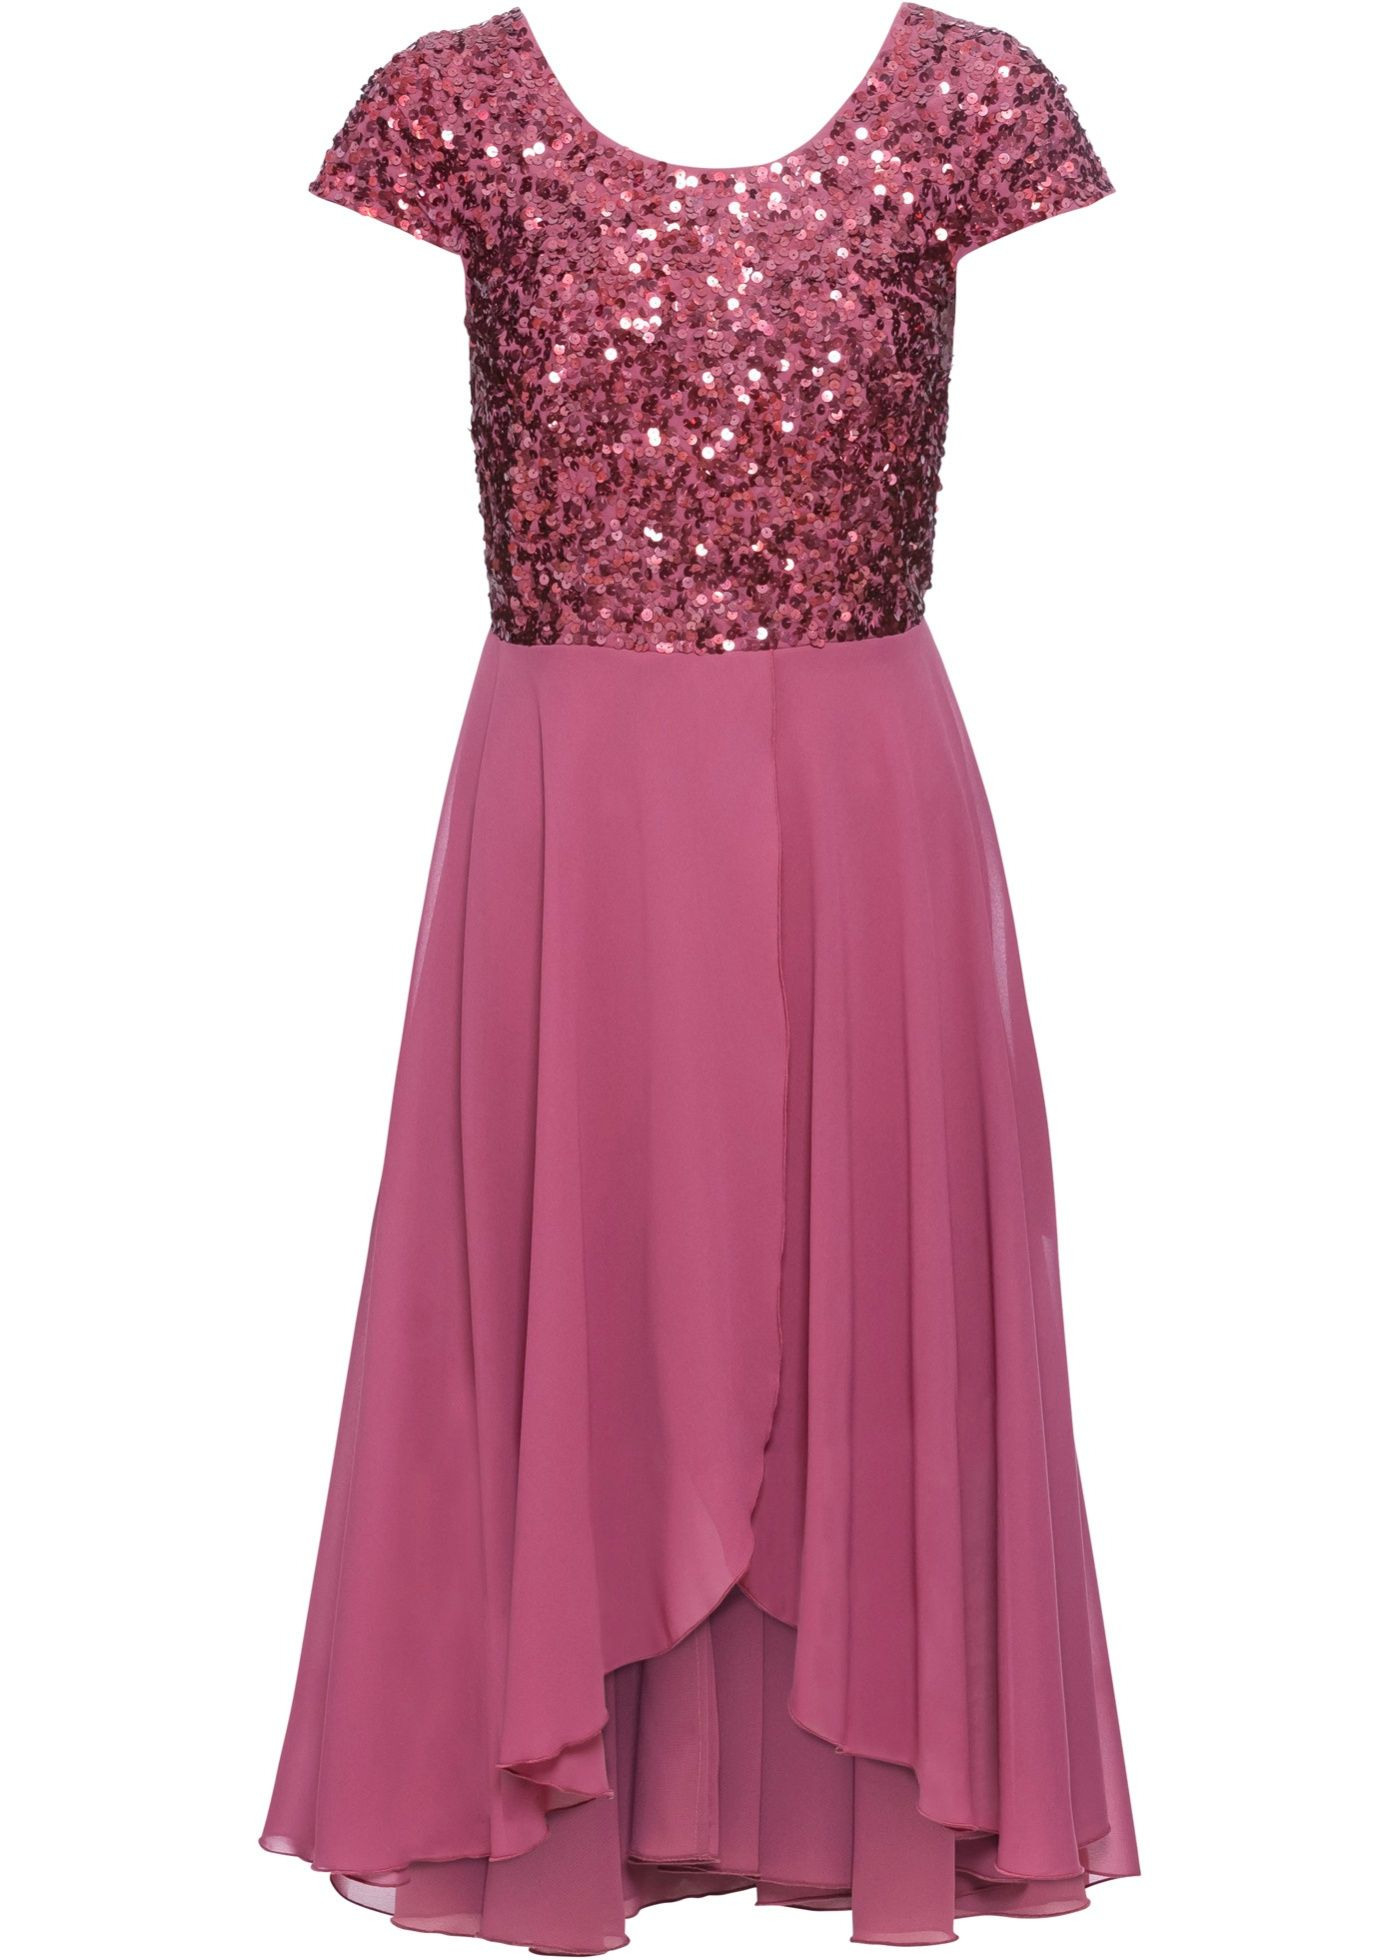 Formal Genial Schöne Kleider Für Den Abend für 201920 Coolste Schöne Kleider Für Den Abend Spezialgebiet